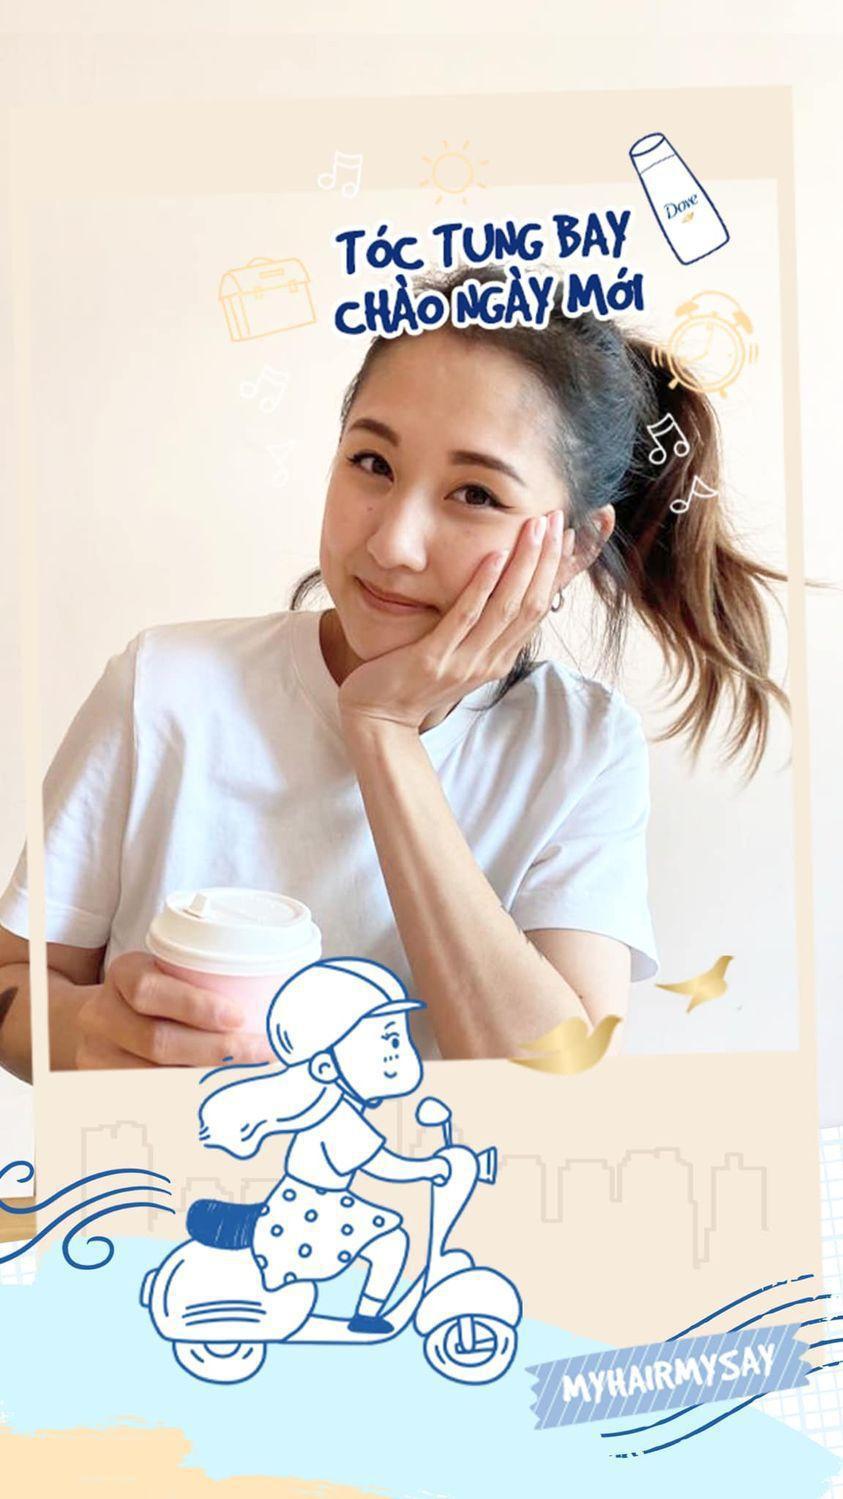 Thảo Nhi Lê, Hana Giang Anh, Julia Doan… khoe mái tóc ngẫu hứng, giản dị mà đẹp bất ngờ - Ảnh 6.